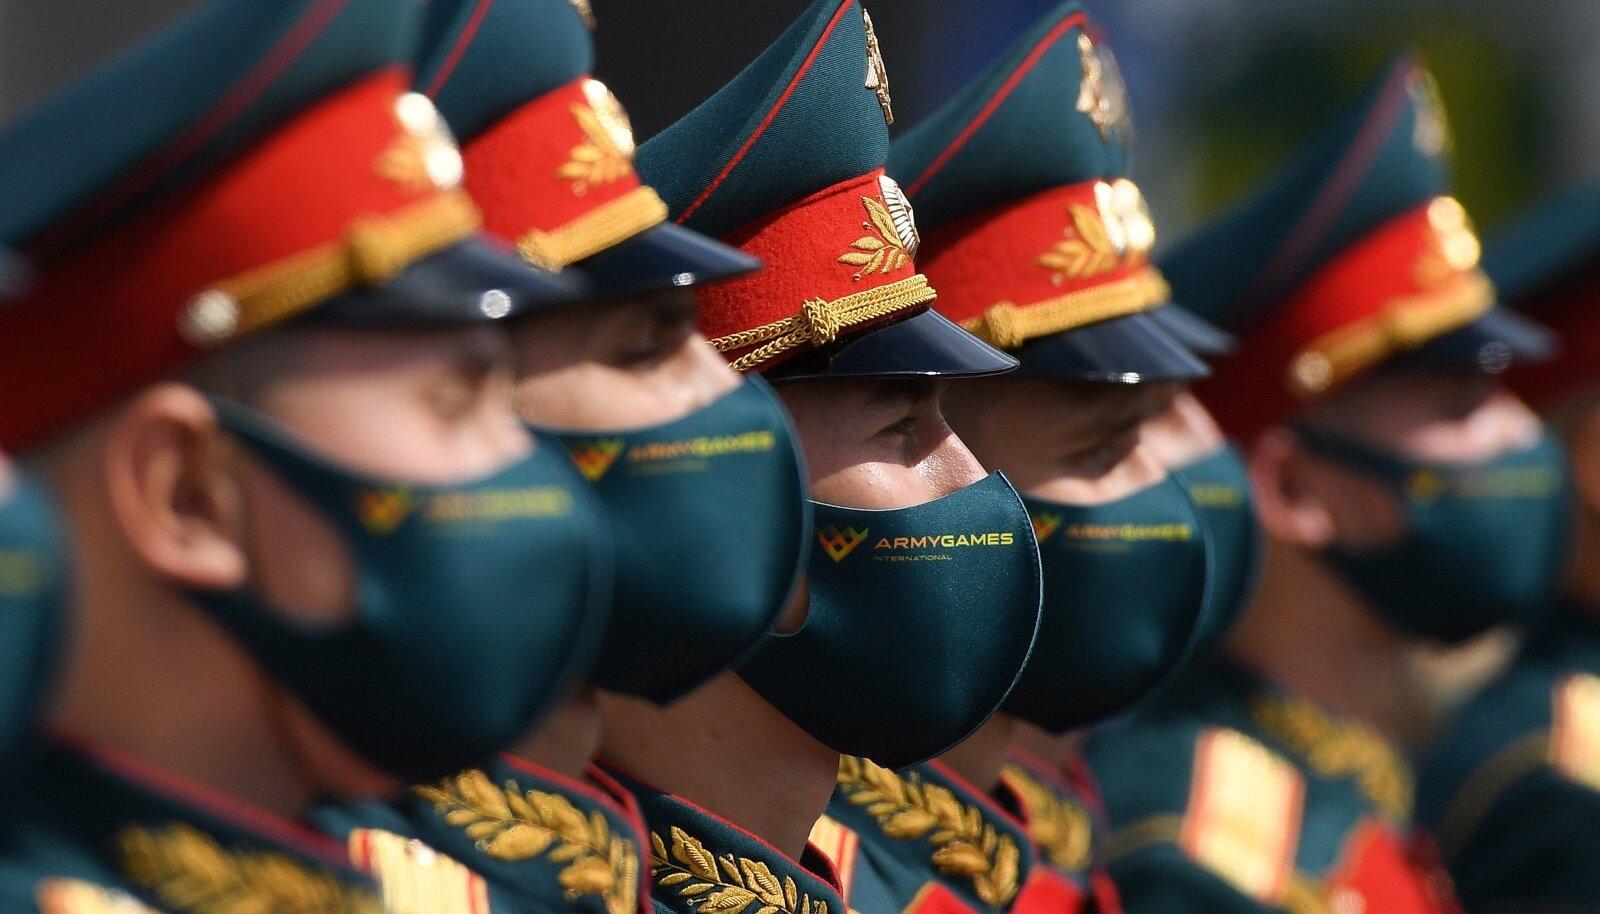 Venemaa relvajõud ei ole koroonaajast hoolimata tegevust koomale tõmmanud. Vastupidi, sõjalised õppused on isegi ähvardavamaks muutunud.